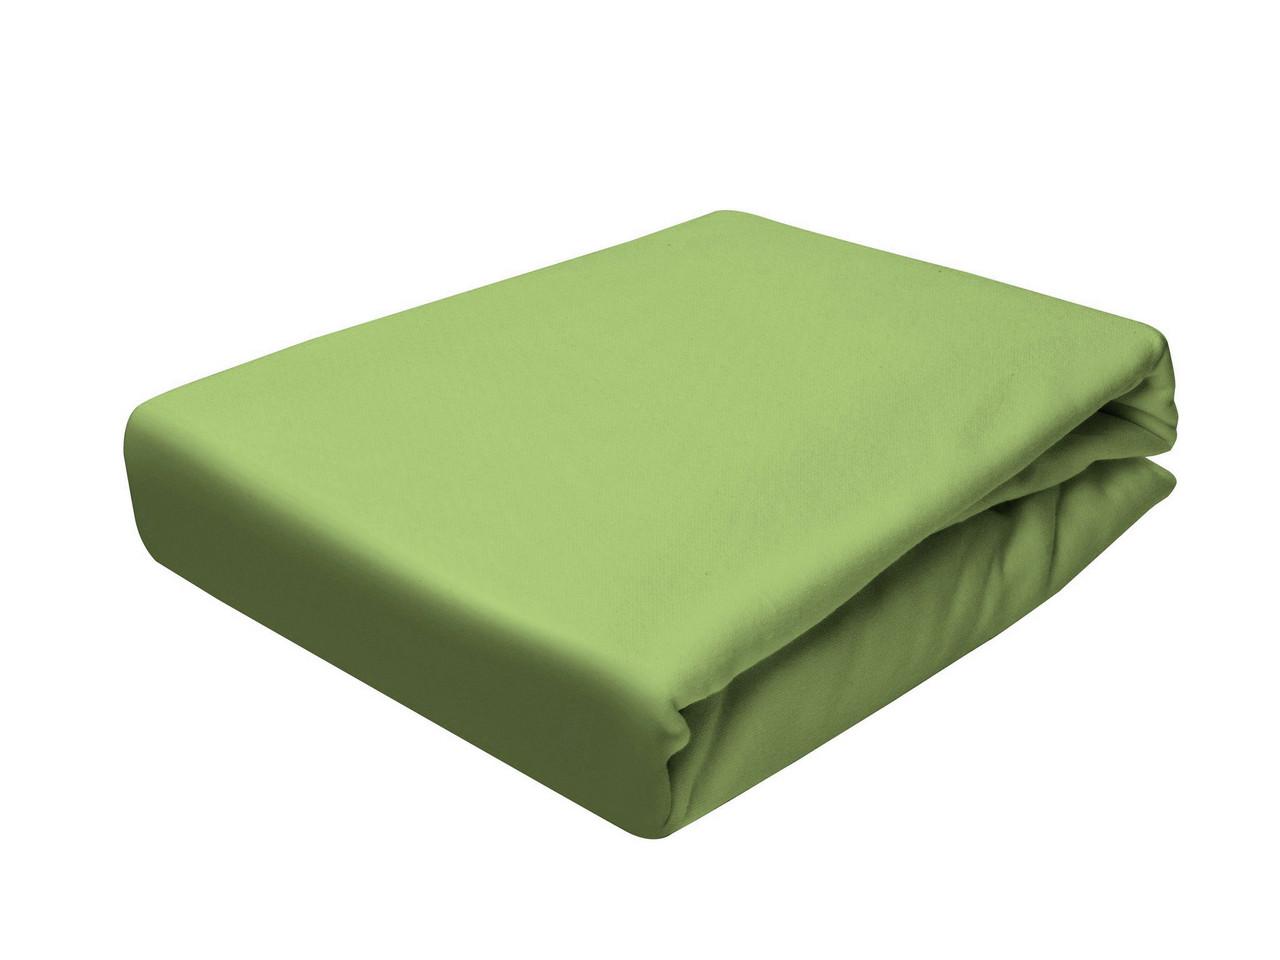 Простыня Трикотажная На резинке NR 036 P.P.H.U. J&M 5552 180x200 см Зеленая